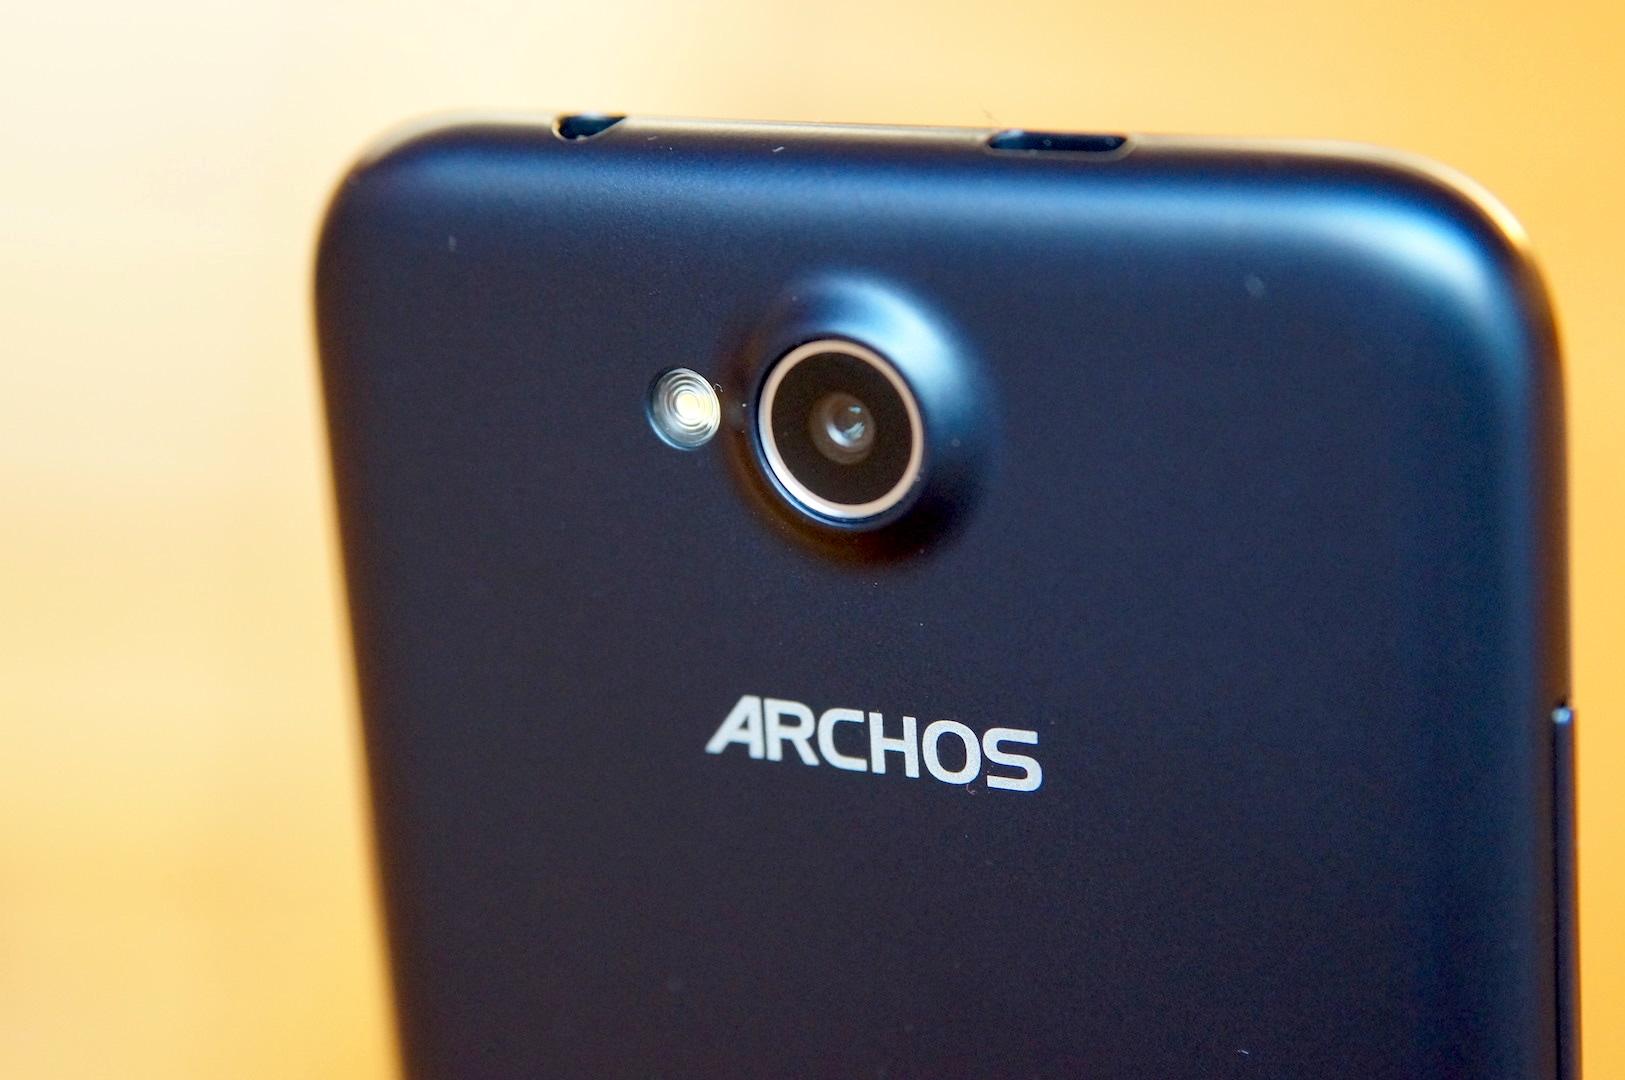 Testbericht: Archos 50c Platinum – das perfekte Einsteiger-Smartphone für unter 100 Euro?